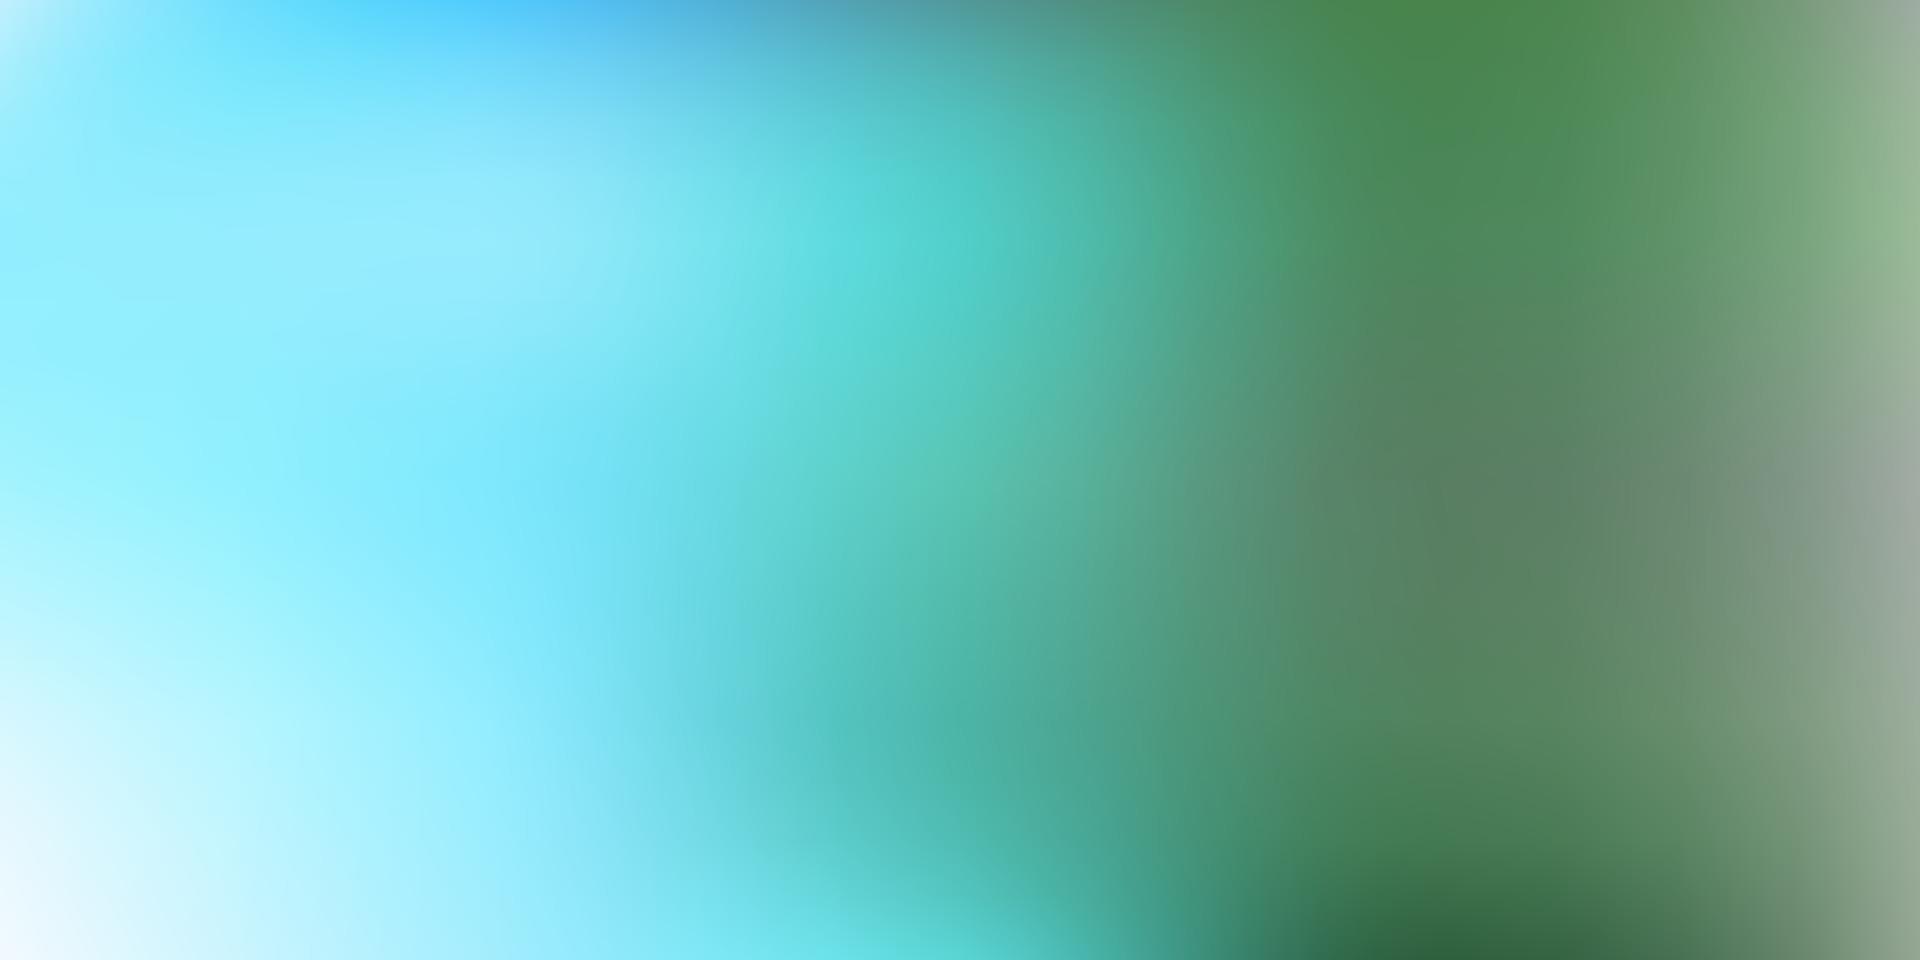 Fondo de desenfoque degradado de vector azul claro, verde.